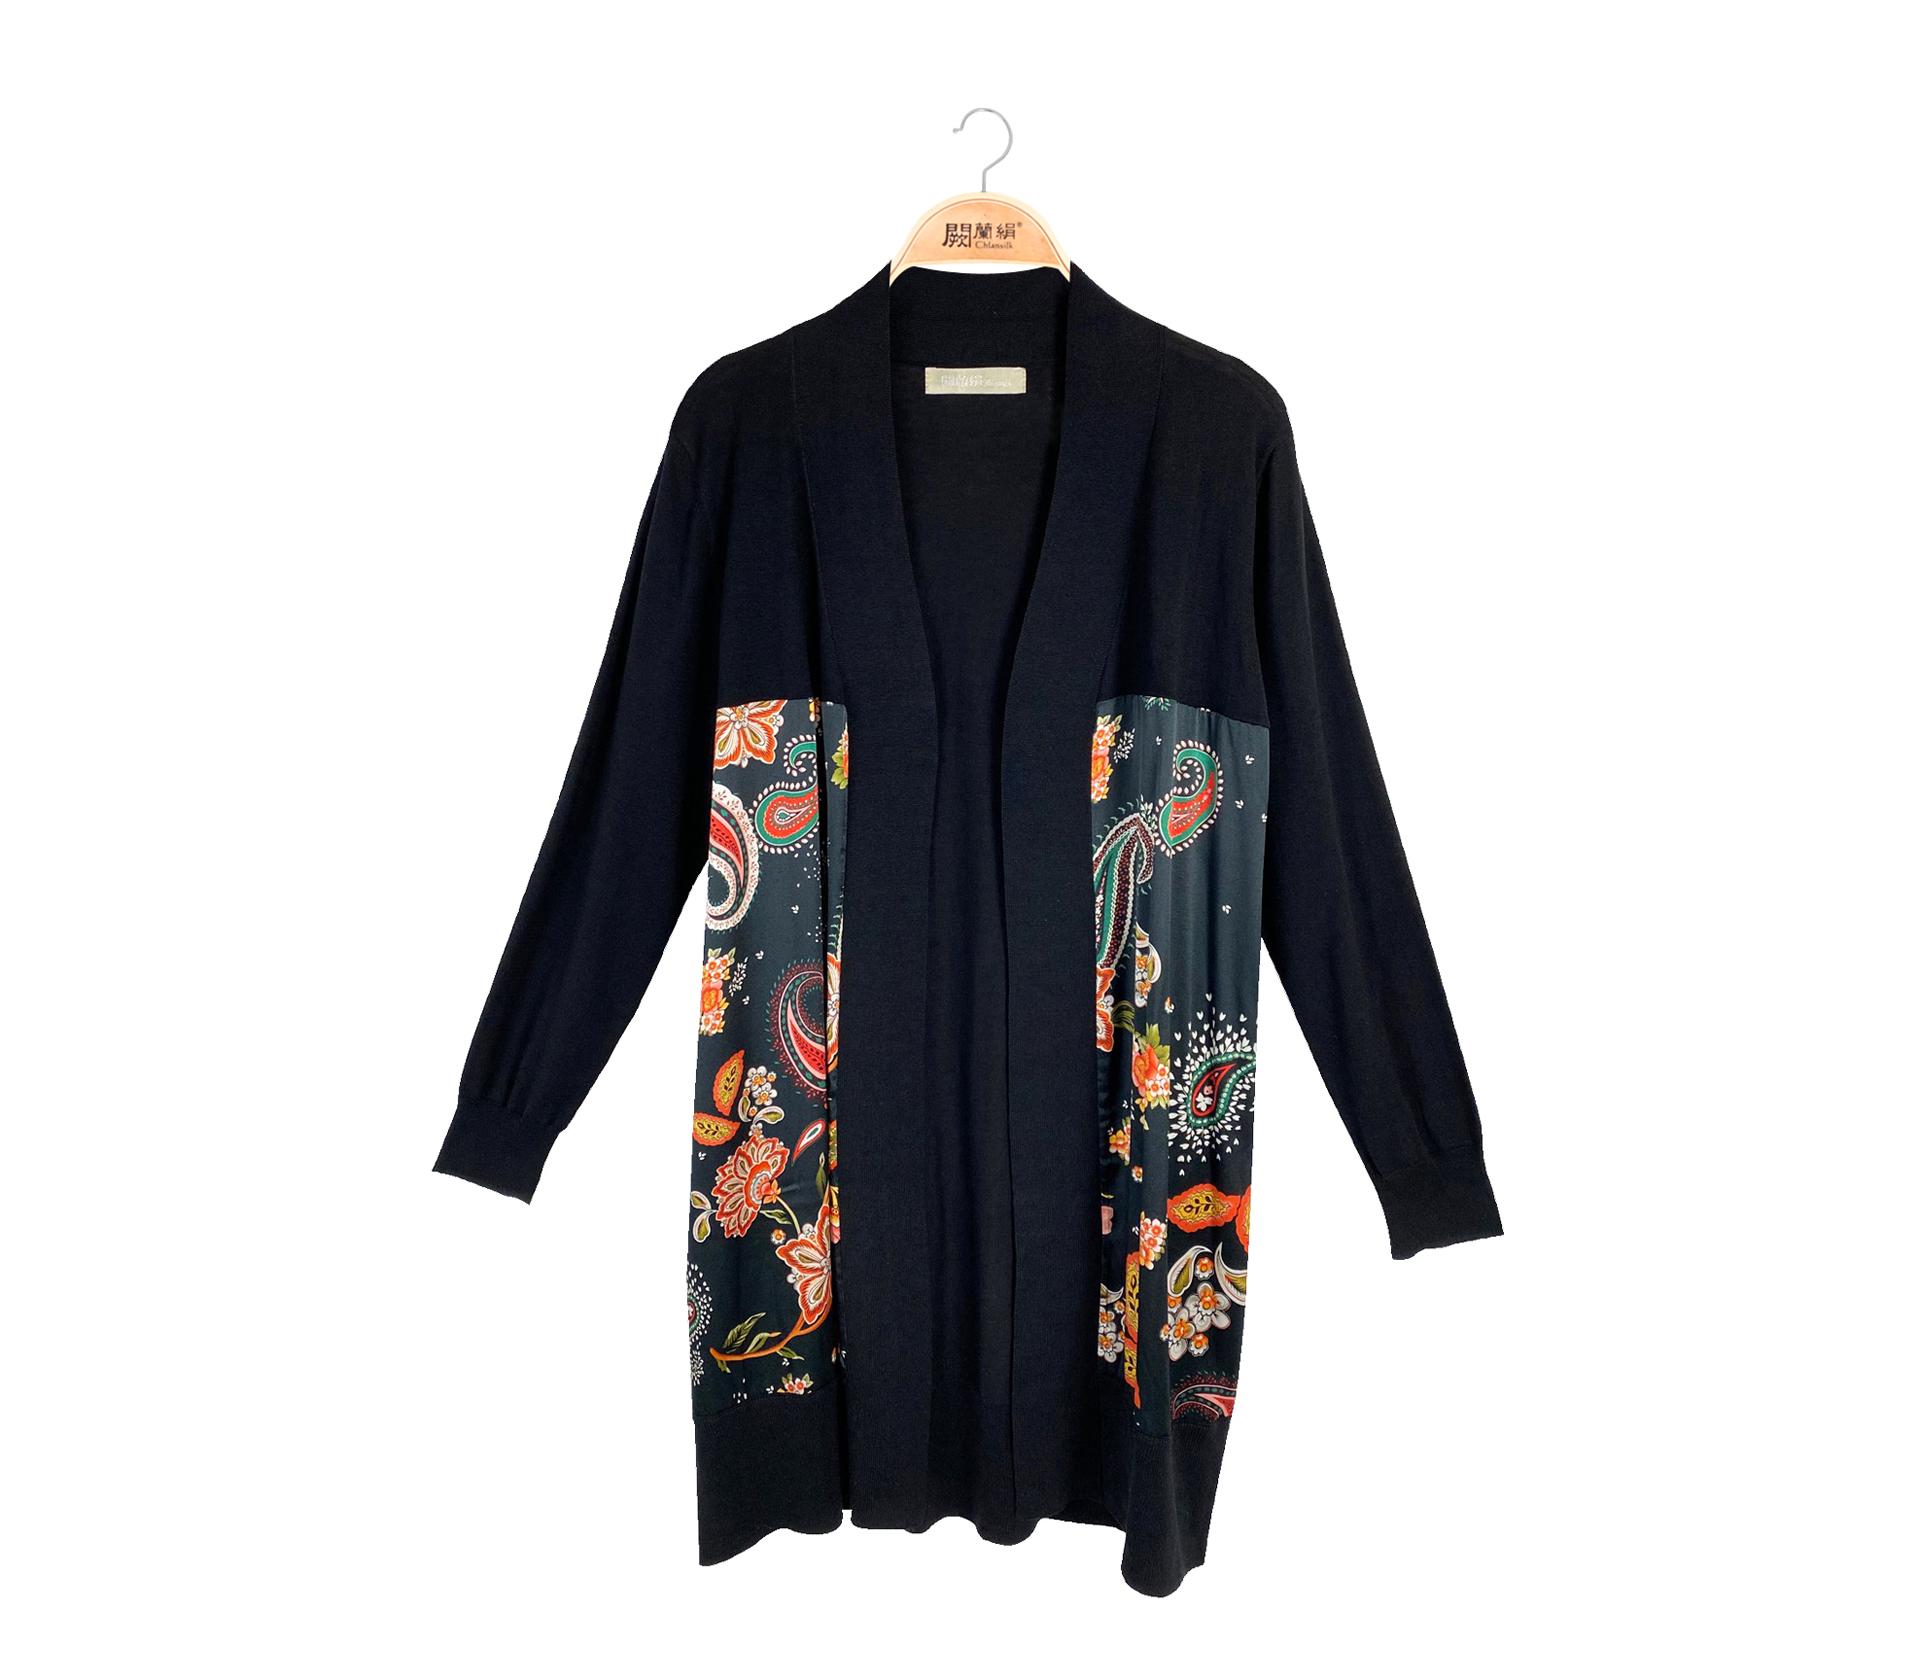 闕蘭絹典雅美人拼接滑布花朵蠶絲針織長版罩衫 - 黑色 - 6550